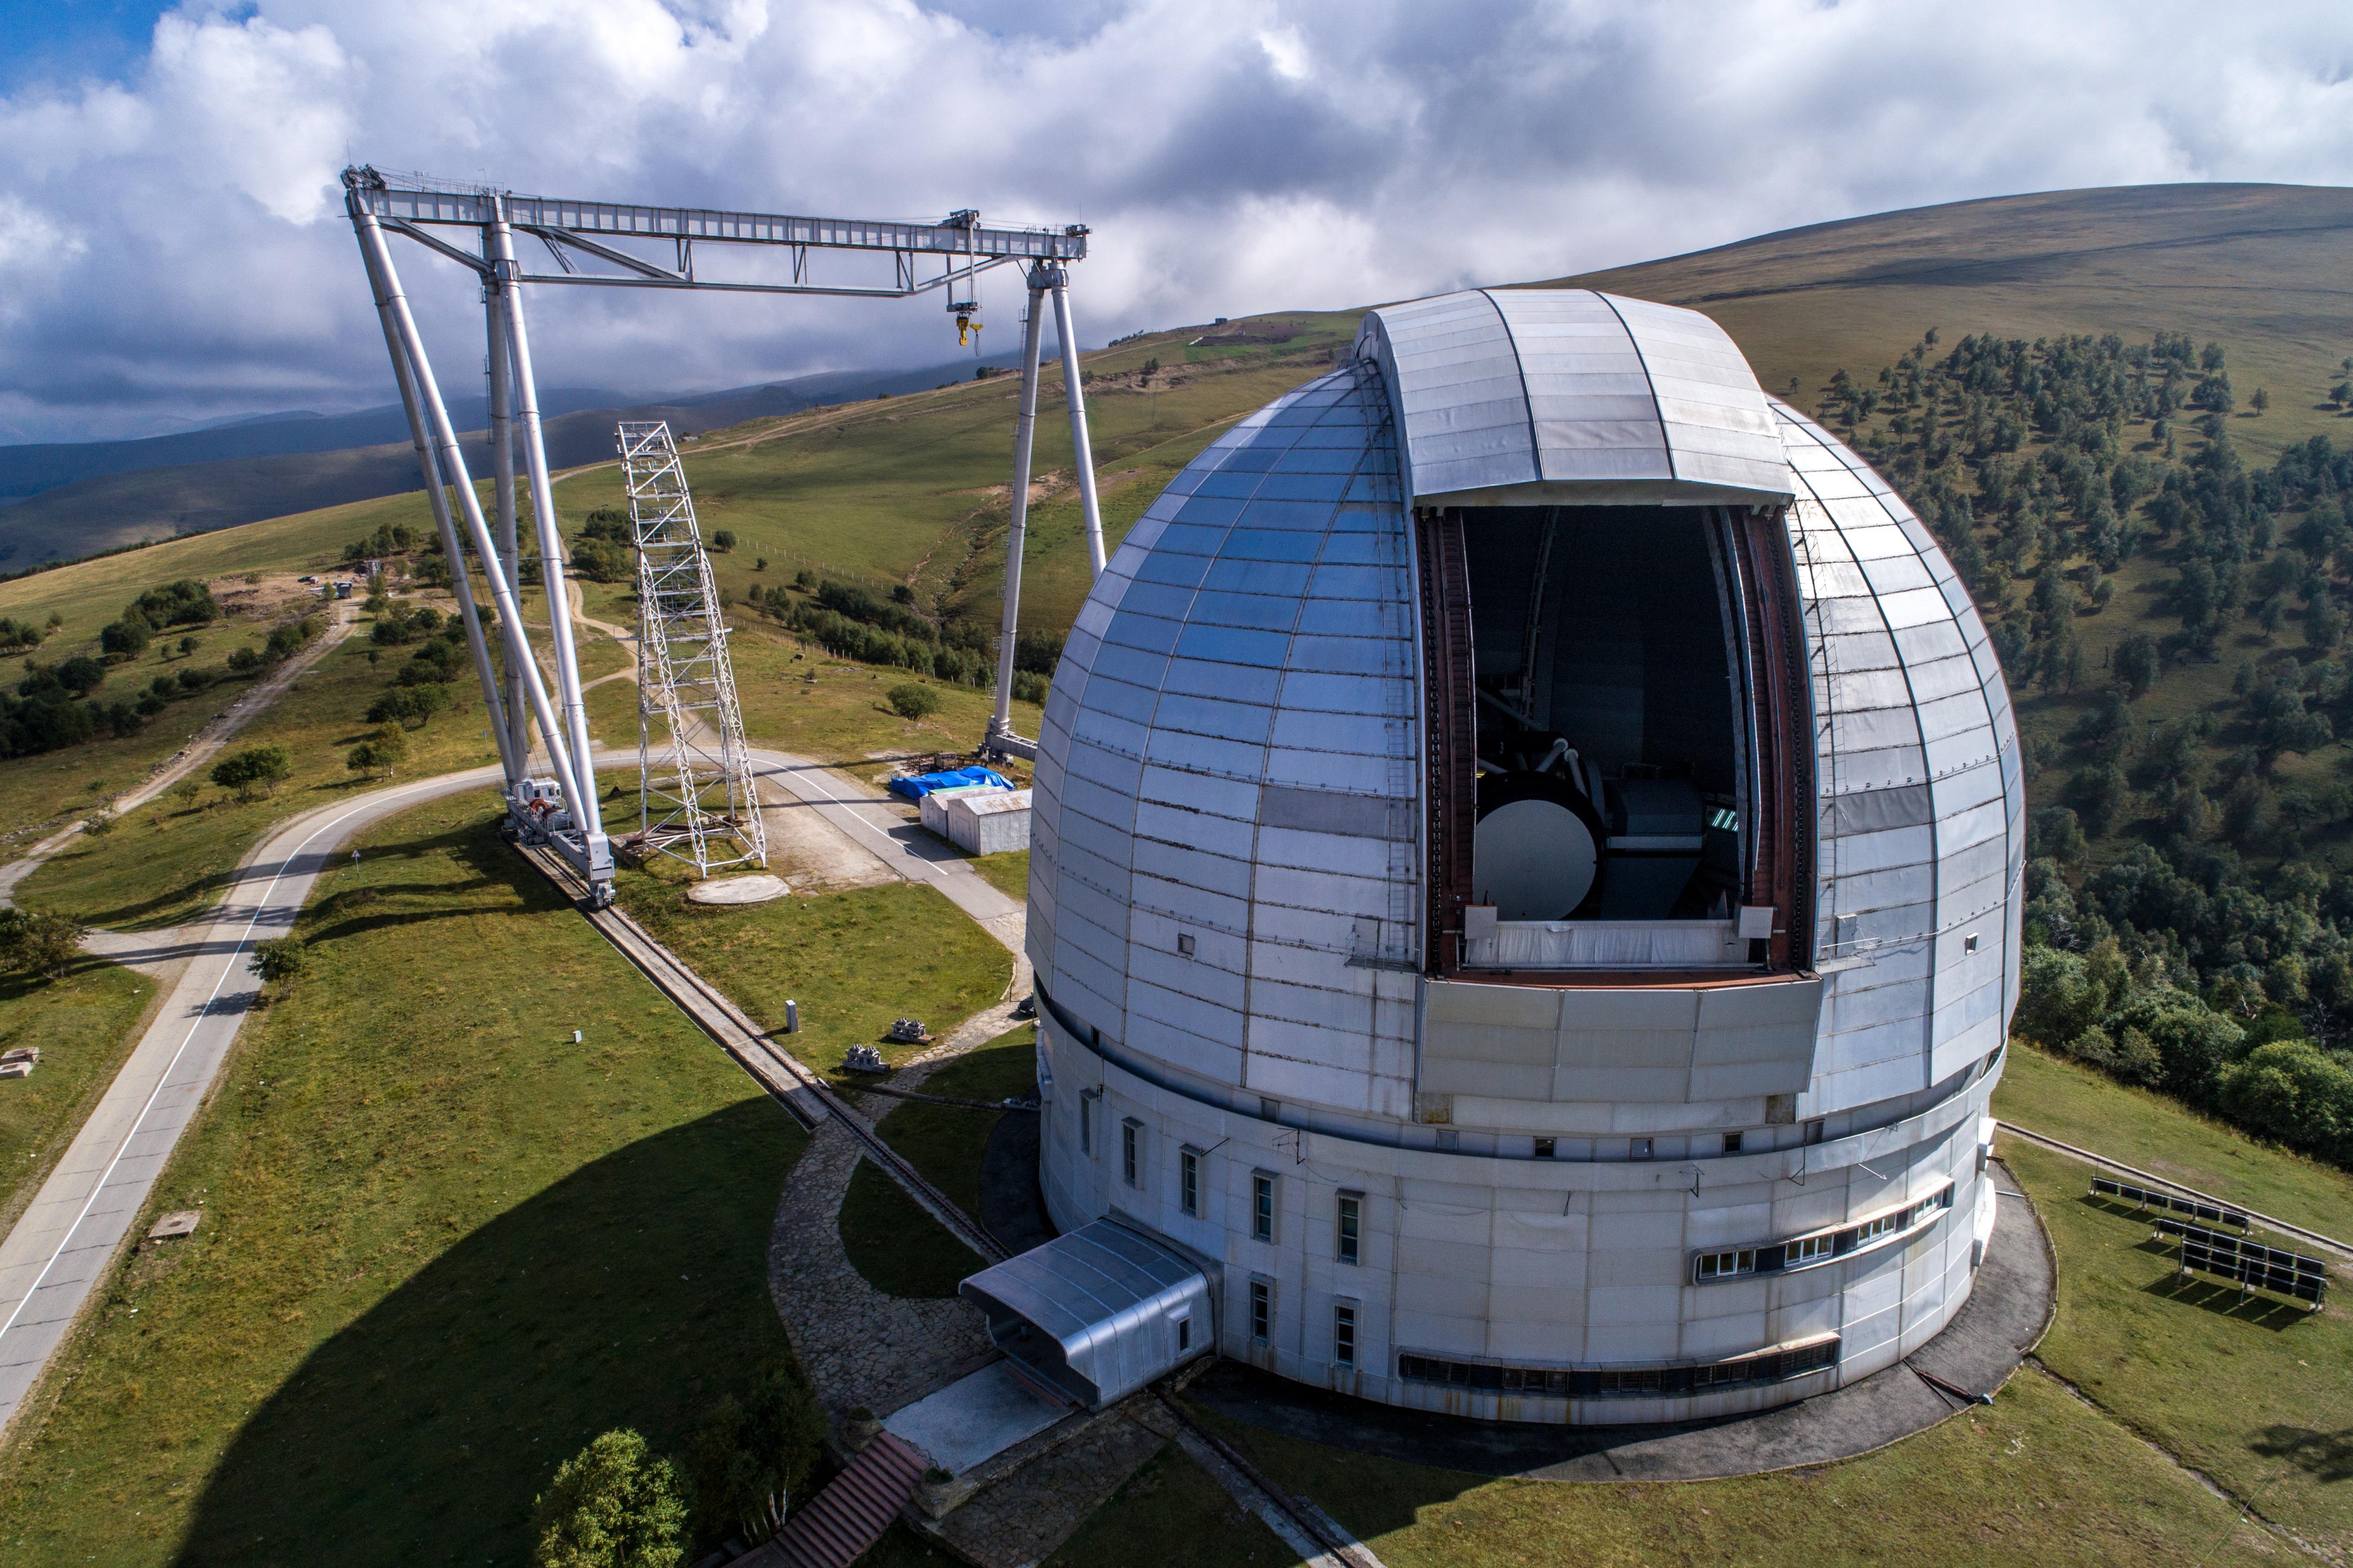 Обсерватория РАН в Карачаево-Черкесии снова станет площадкой для арт-проекта